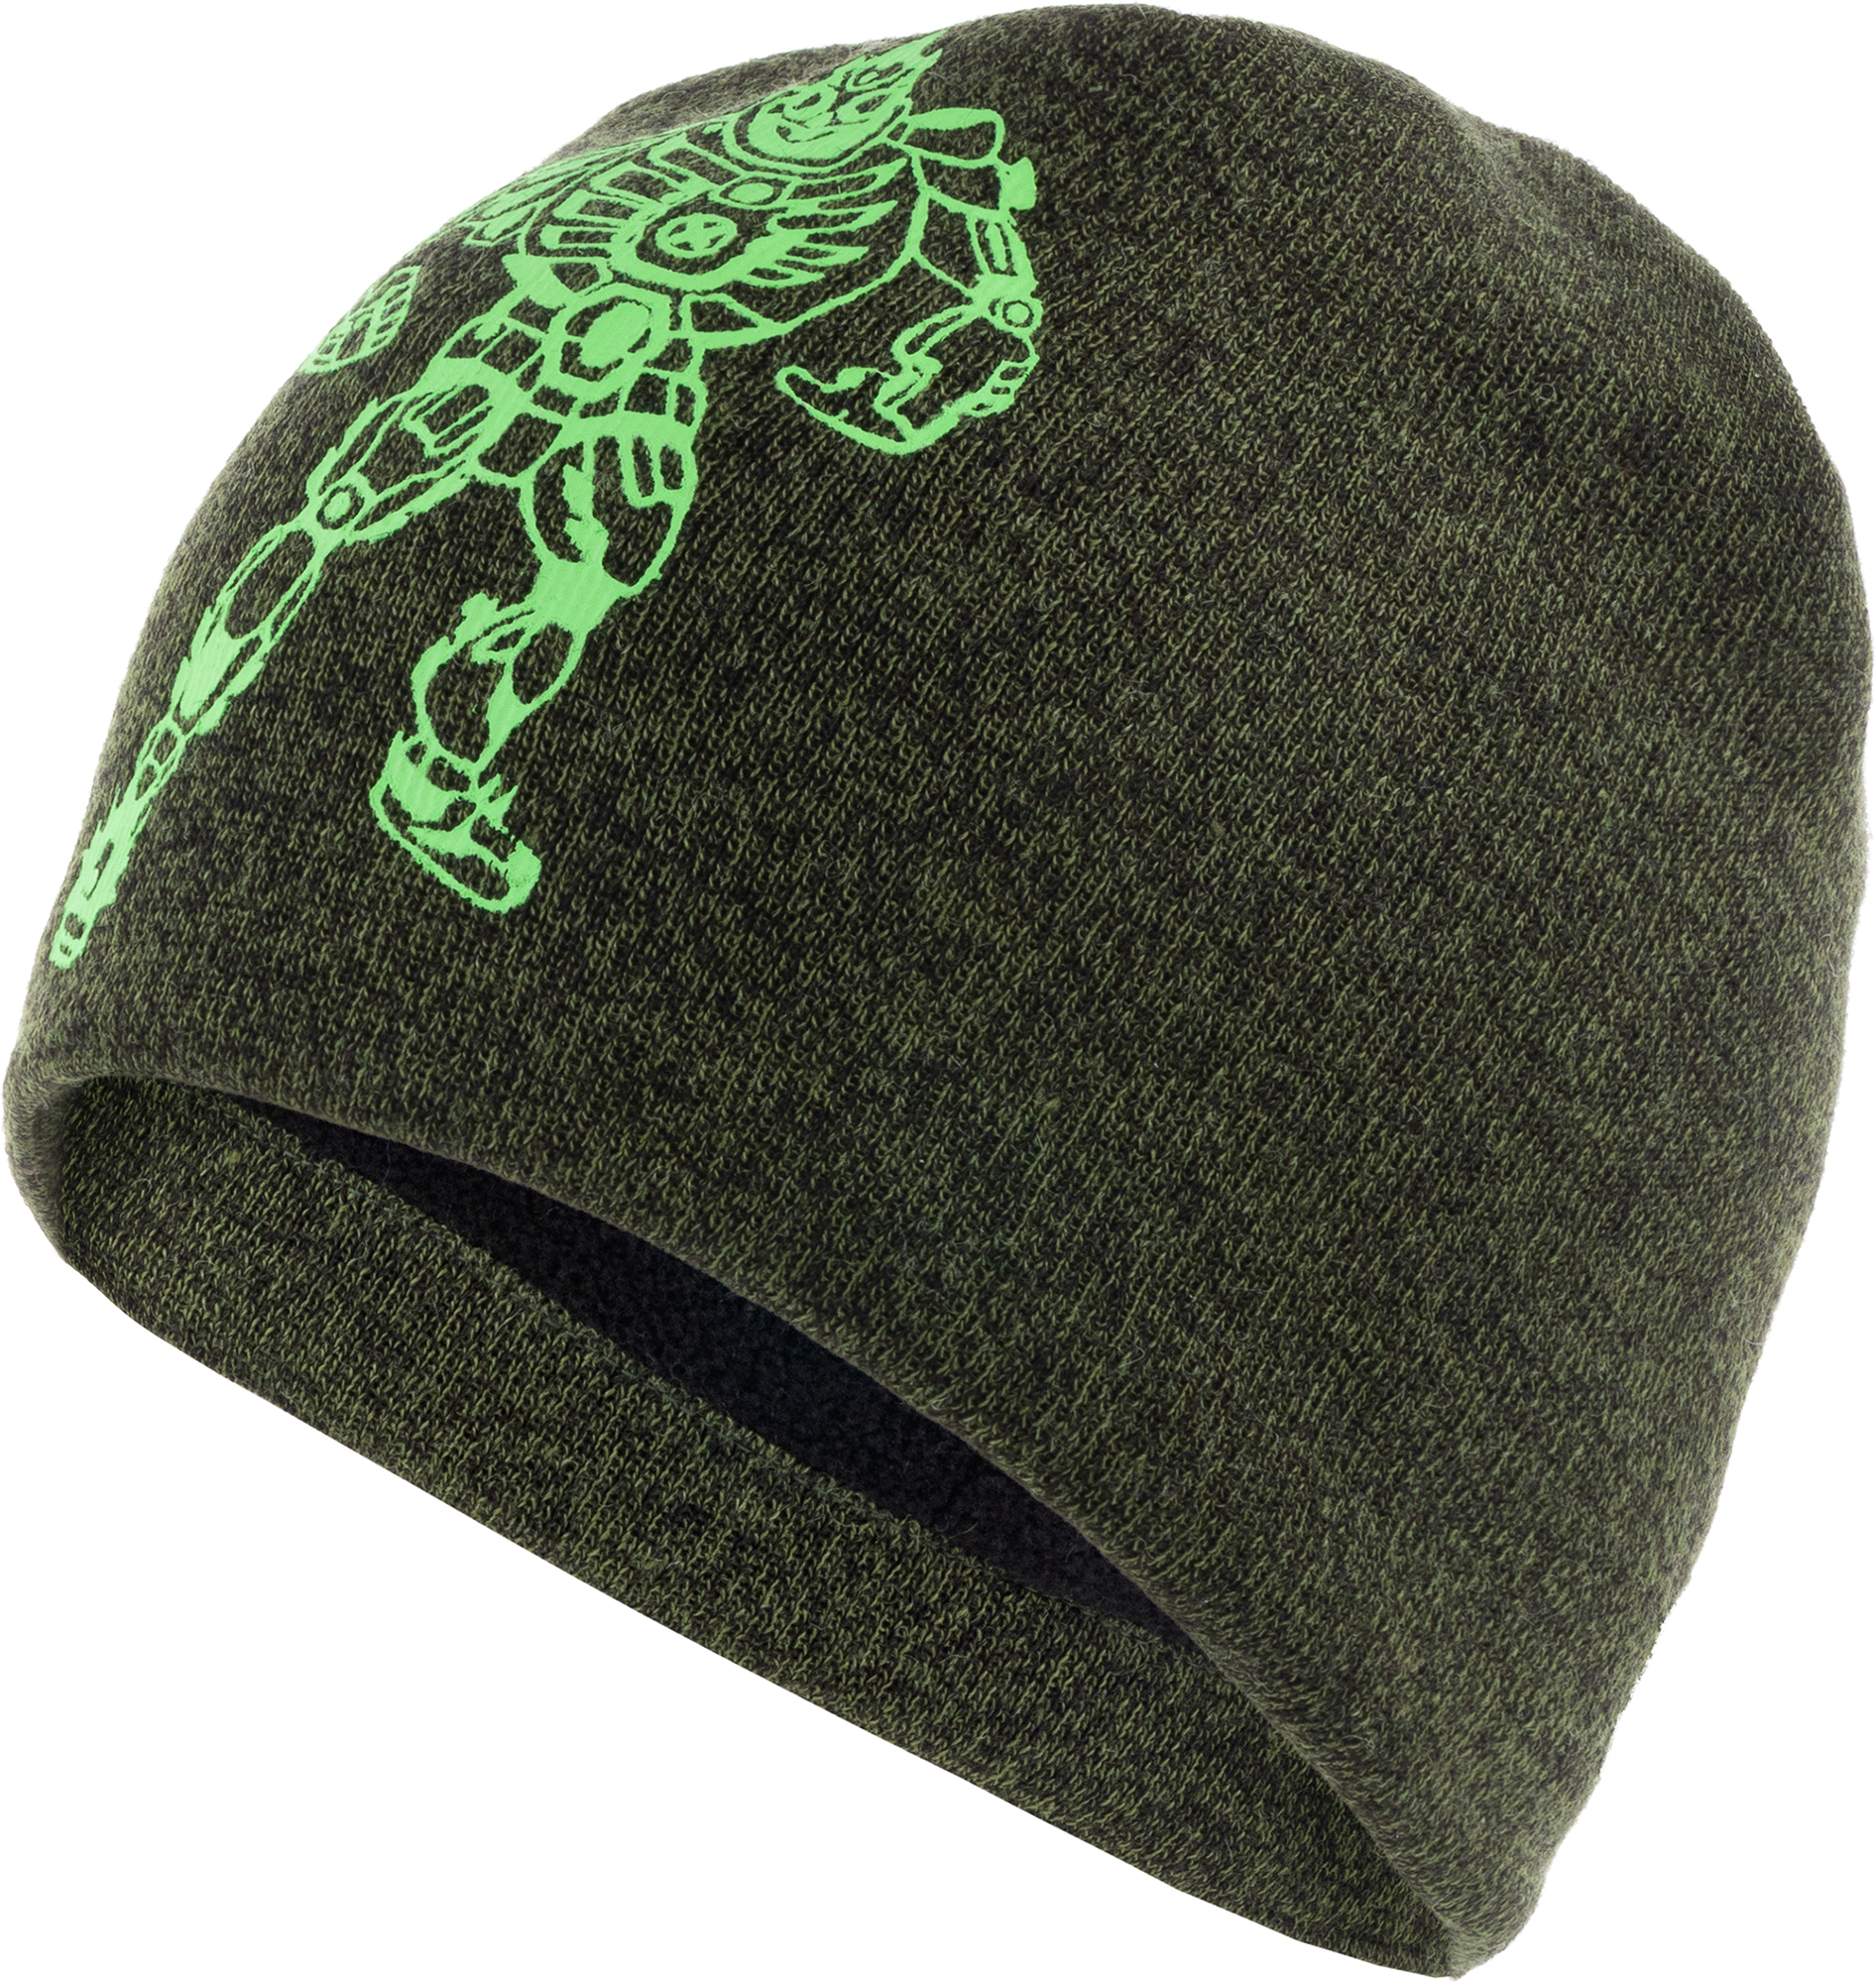 LASSIE Шапка для мальчиков LASSIE Liekki, размер 54 шапка для девочки lassie цвет розовый 7287185161 размер 50 52